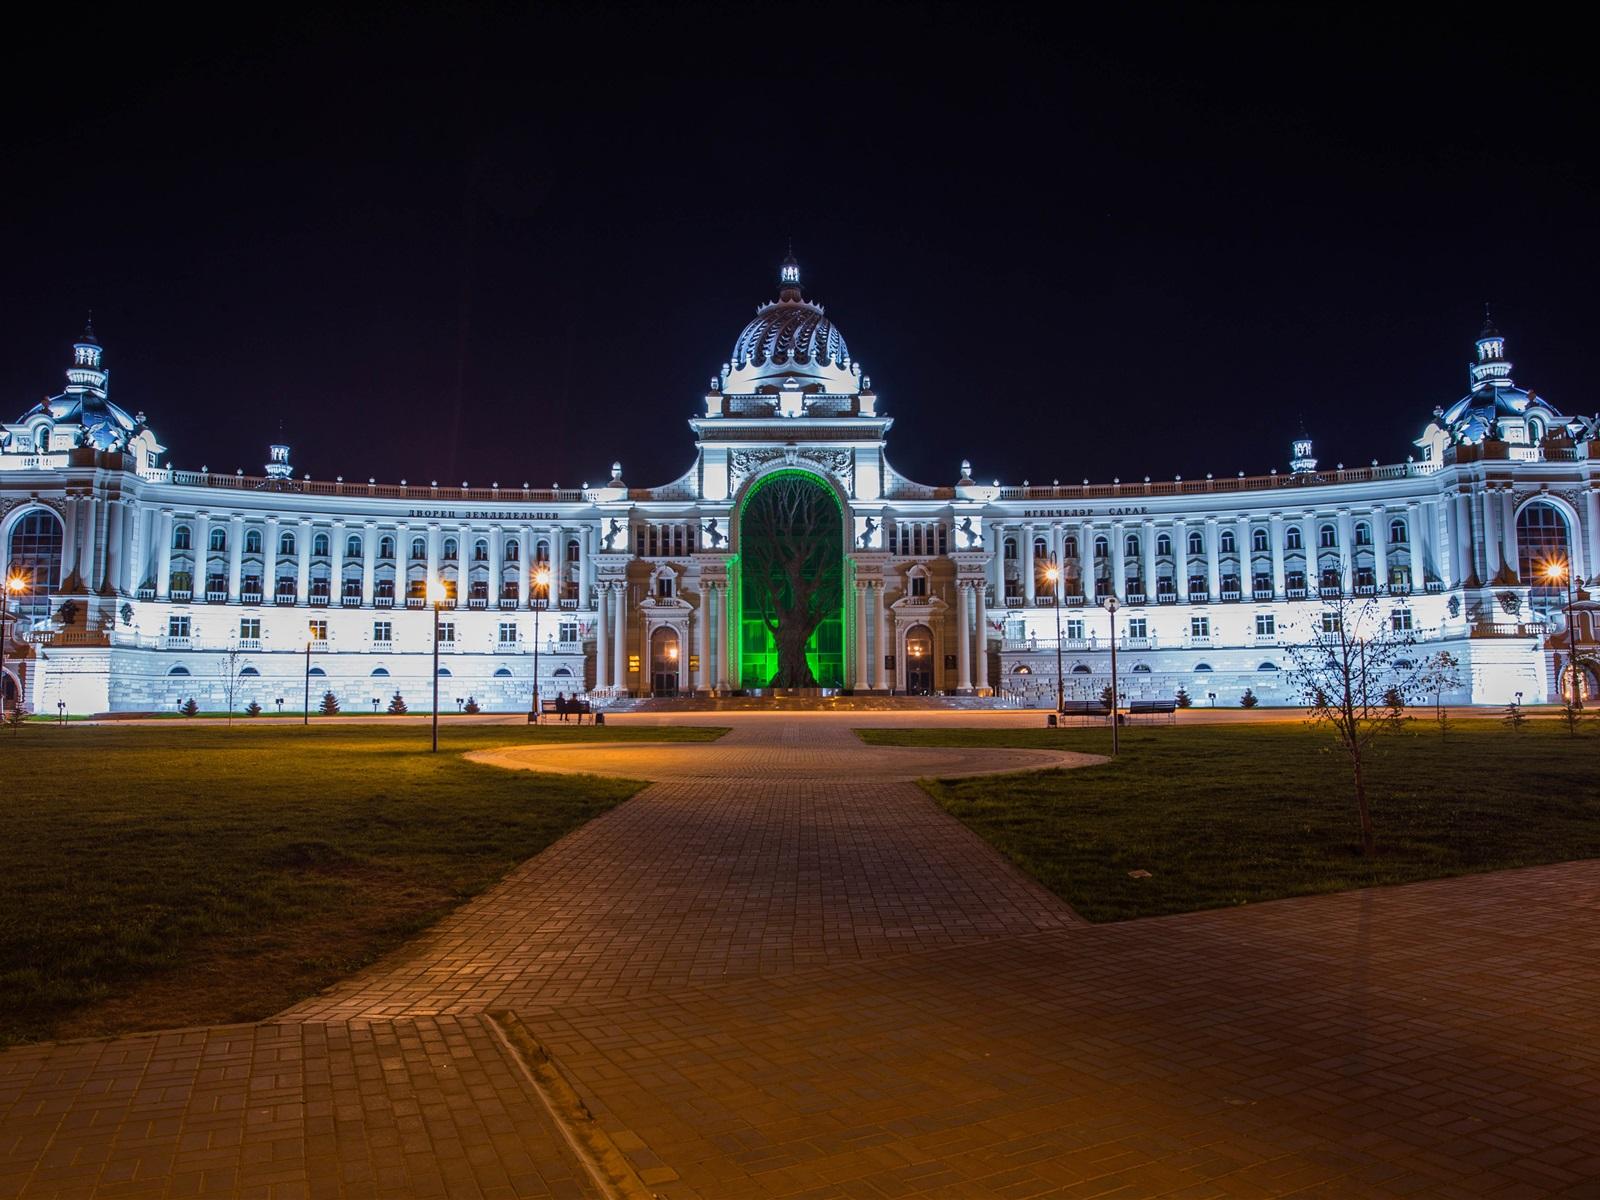 Wallpaper palace of farmers night lights kazan city tatarstan russia 3840x2160 uhd 4k - 4k wallpaper russia ...